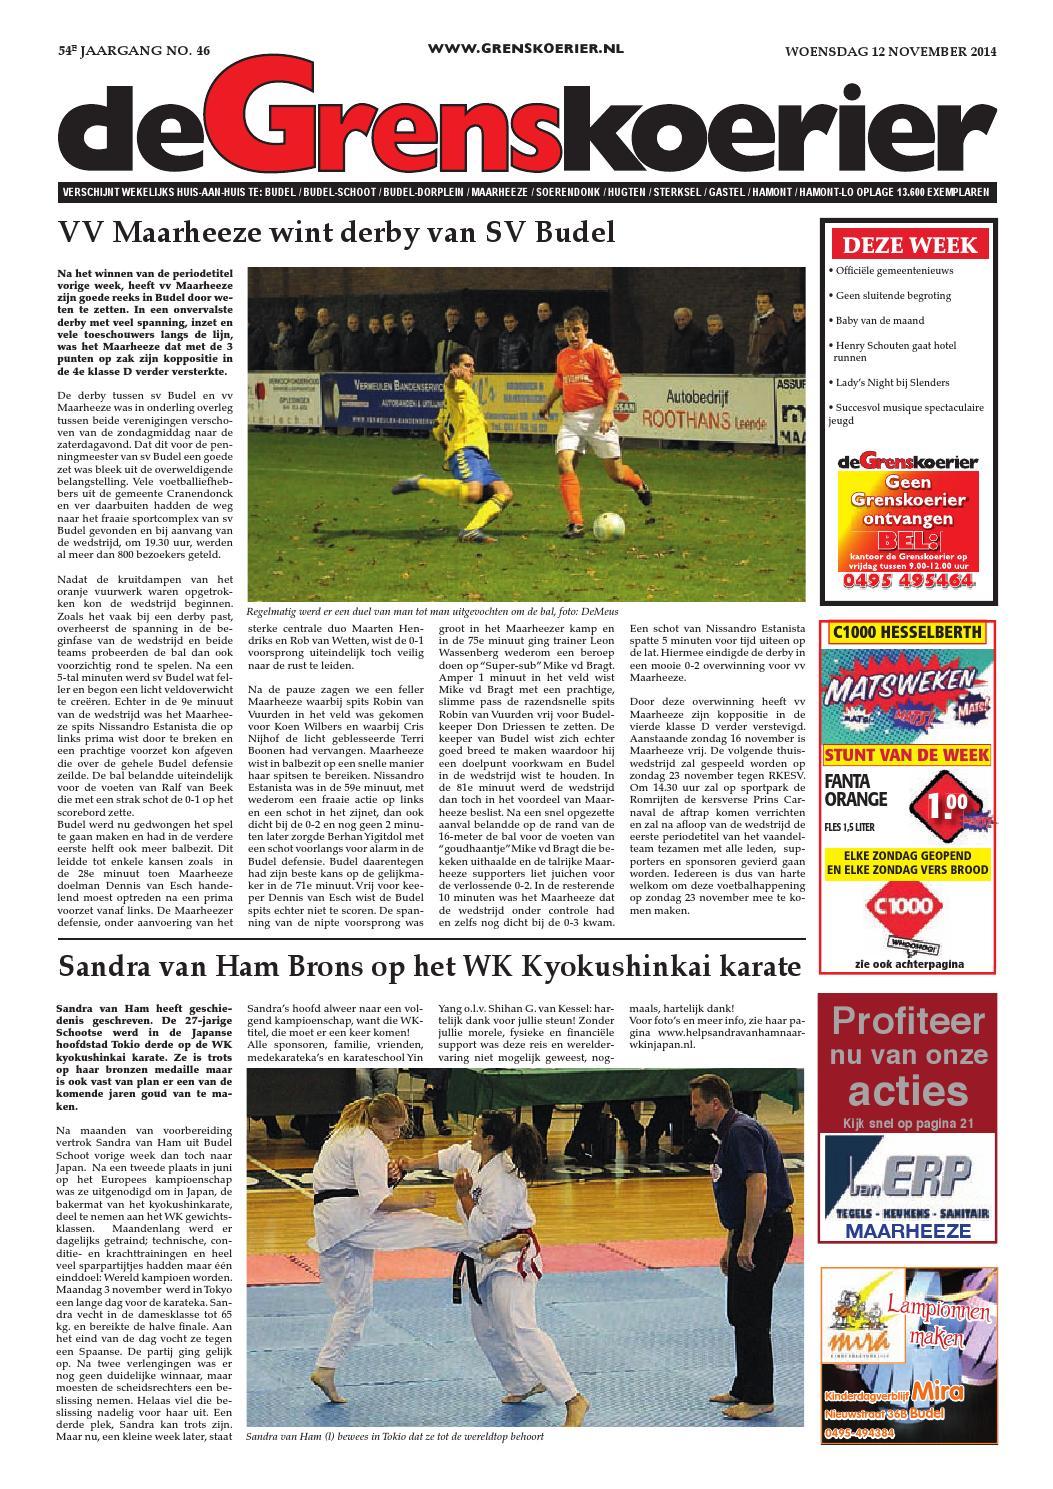 Grenskoerier week 46 2014 by De Grenskoerier - issuu